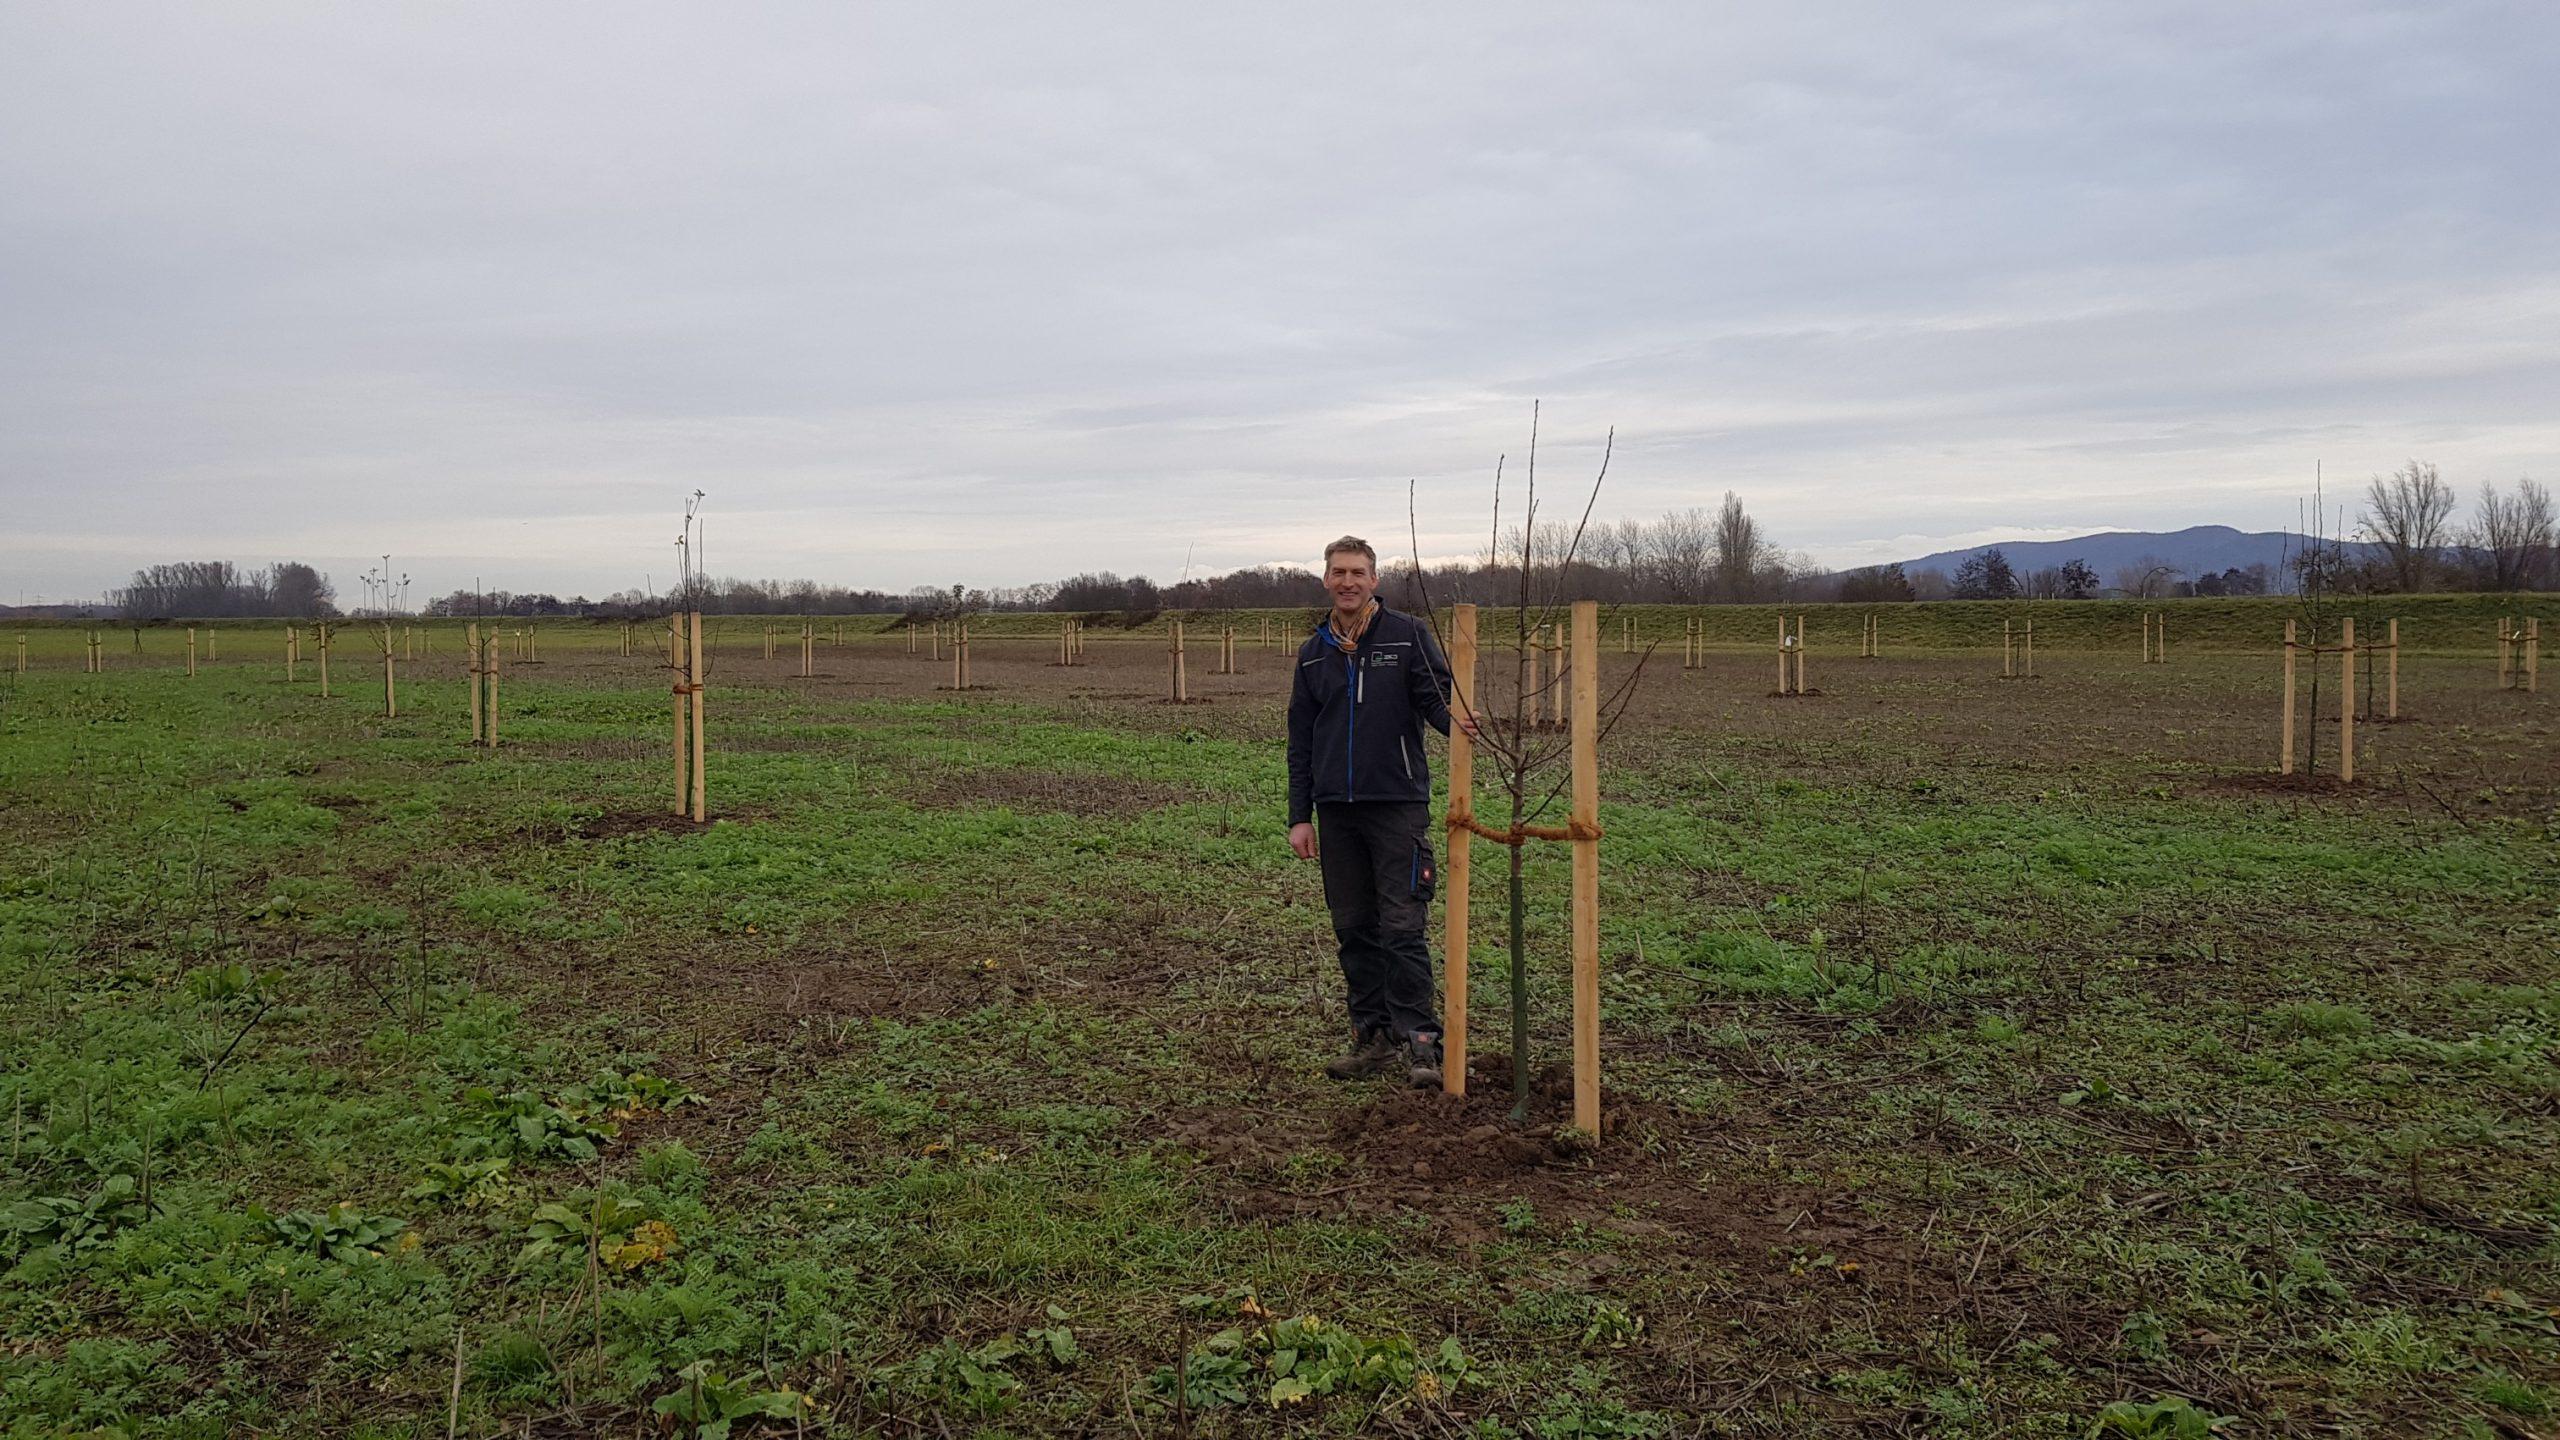 Bepflanzung Der Ausgleichsflächen Durch Den ZKD